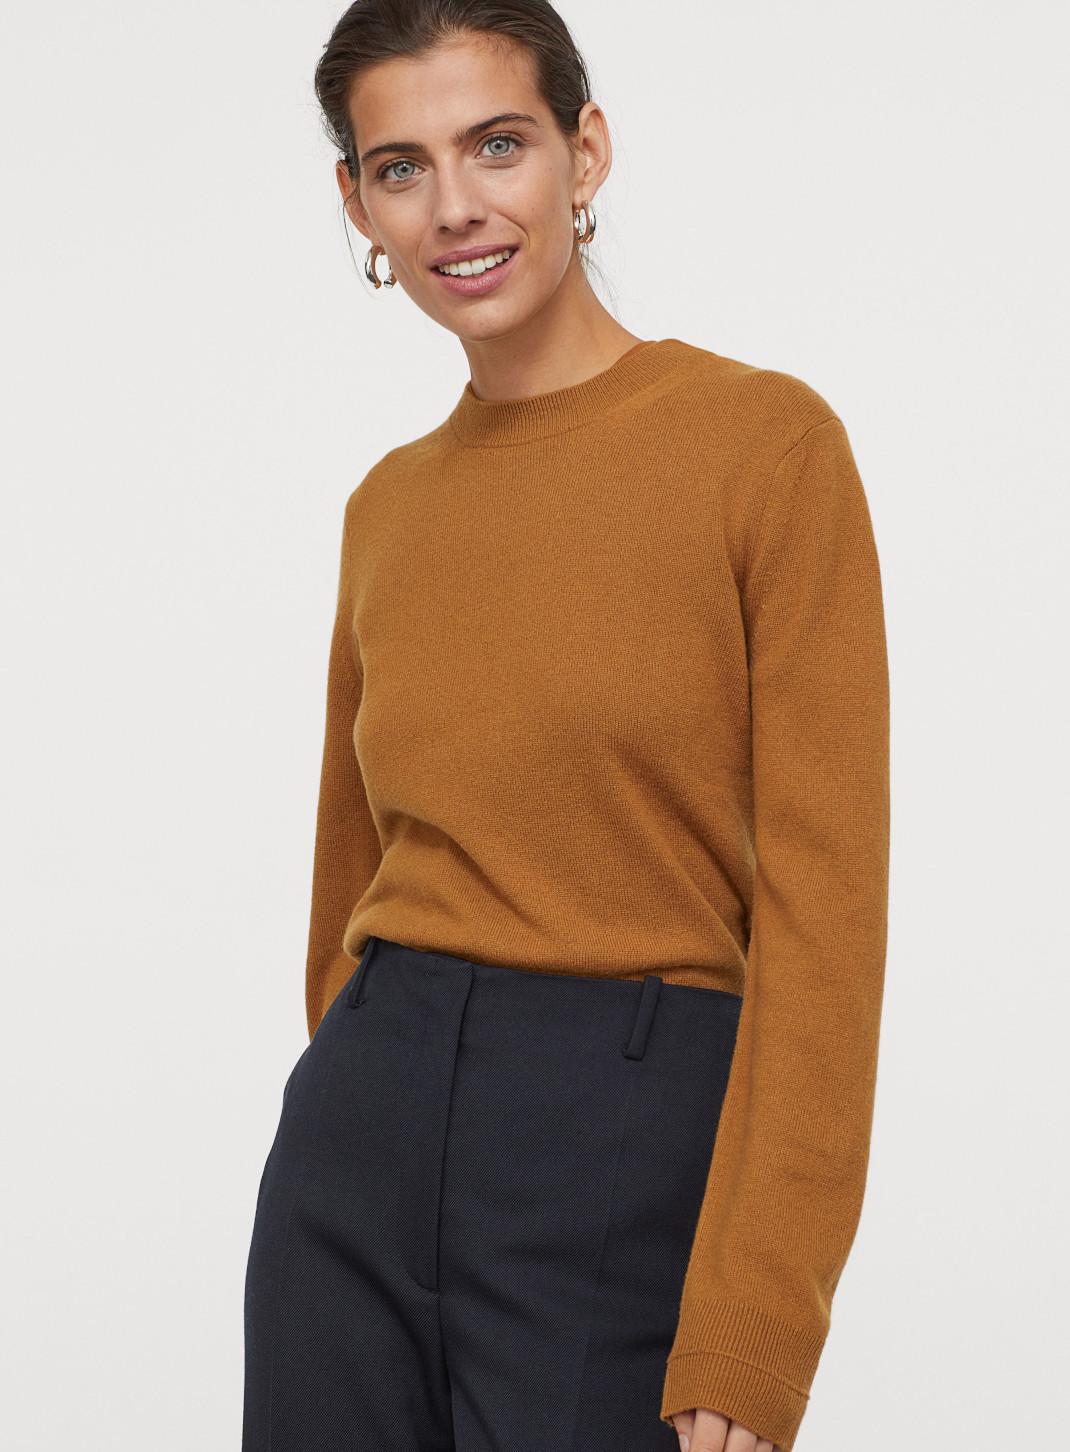 γυναίκα με πλεκτό πουλόβερ H&M